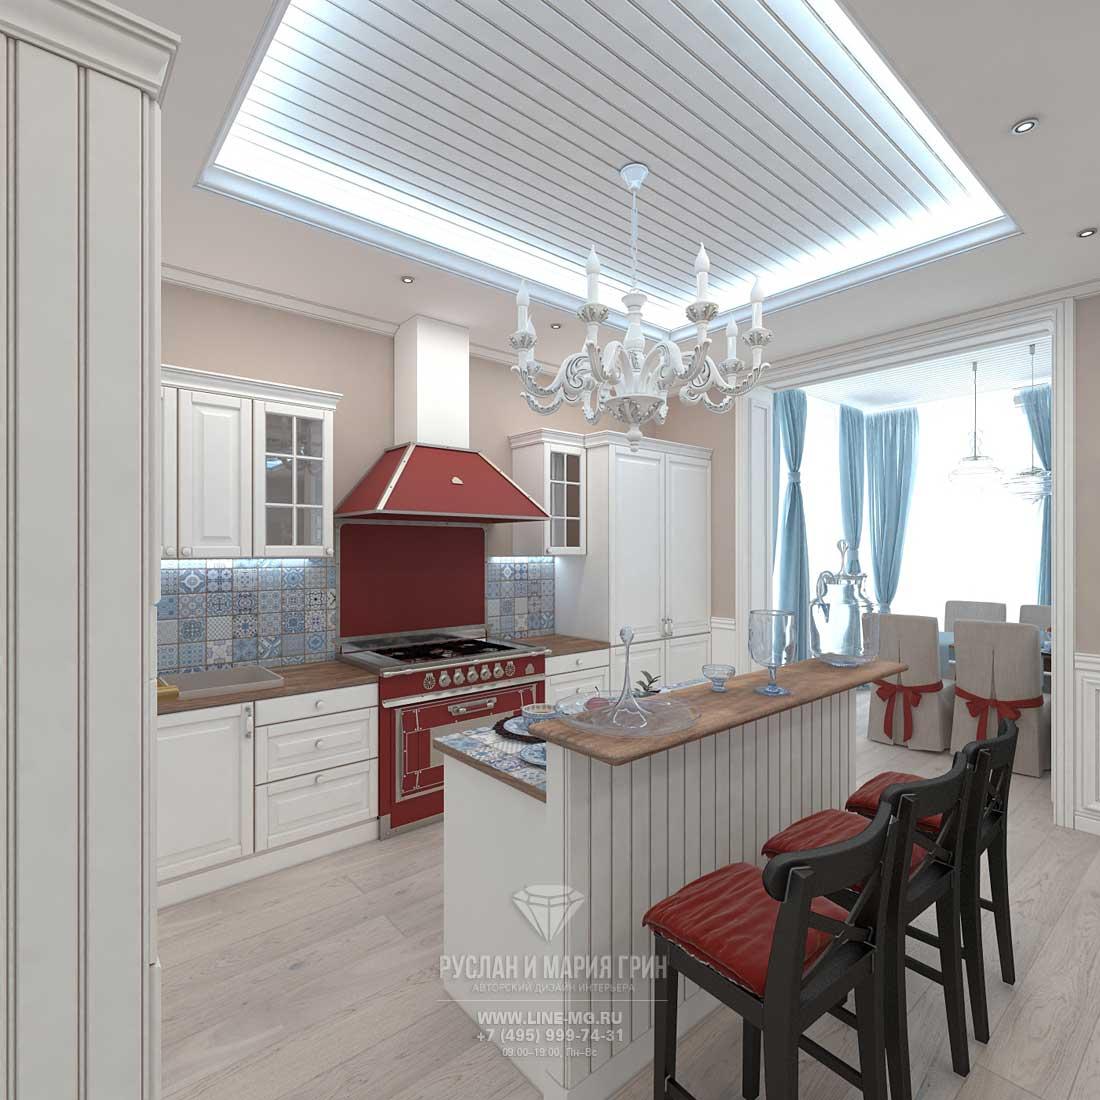 Дизайн кухни-столовой в доме